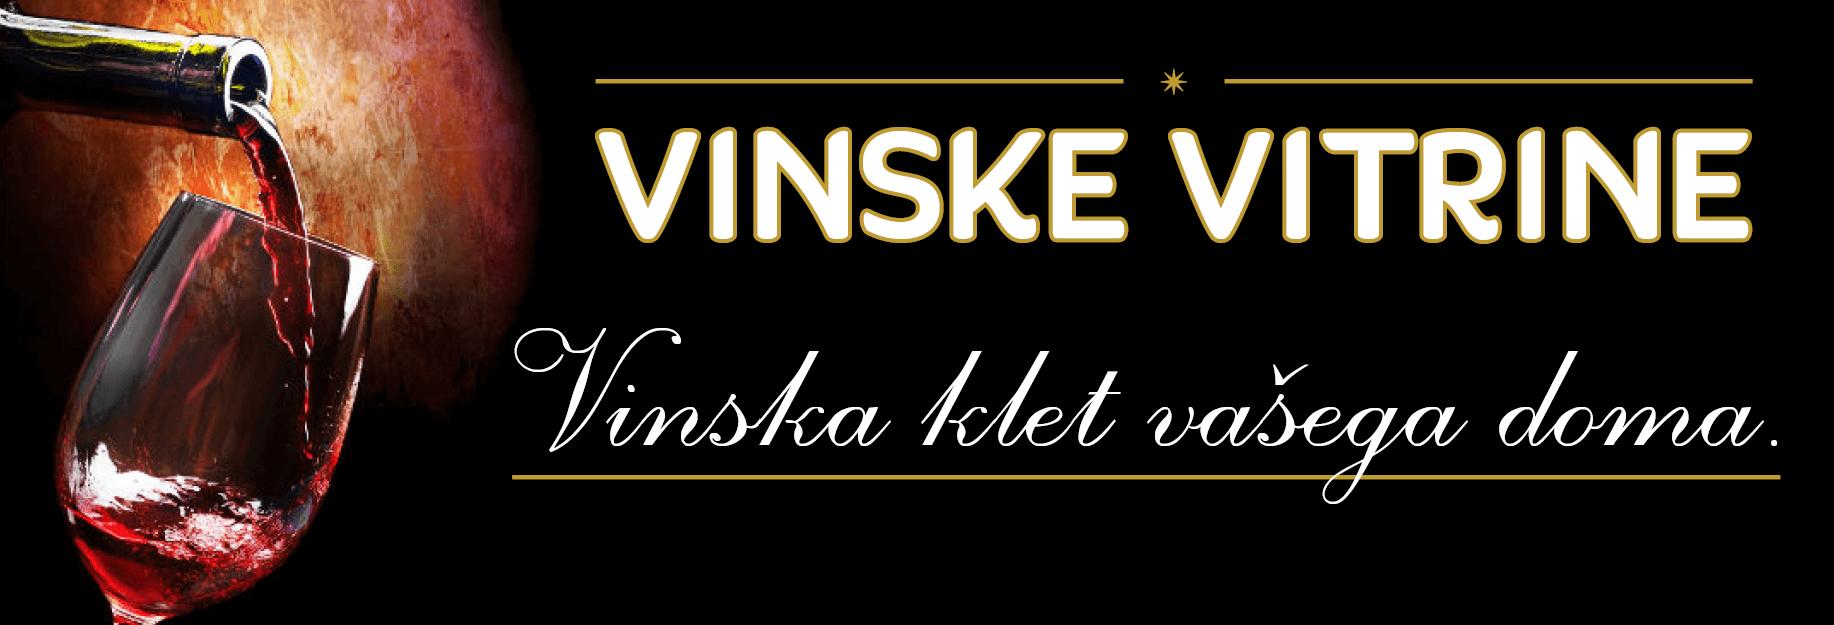 VINSKE VITRINE